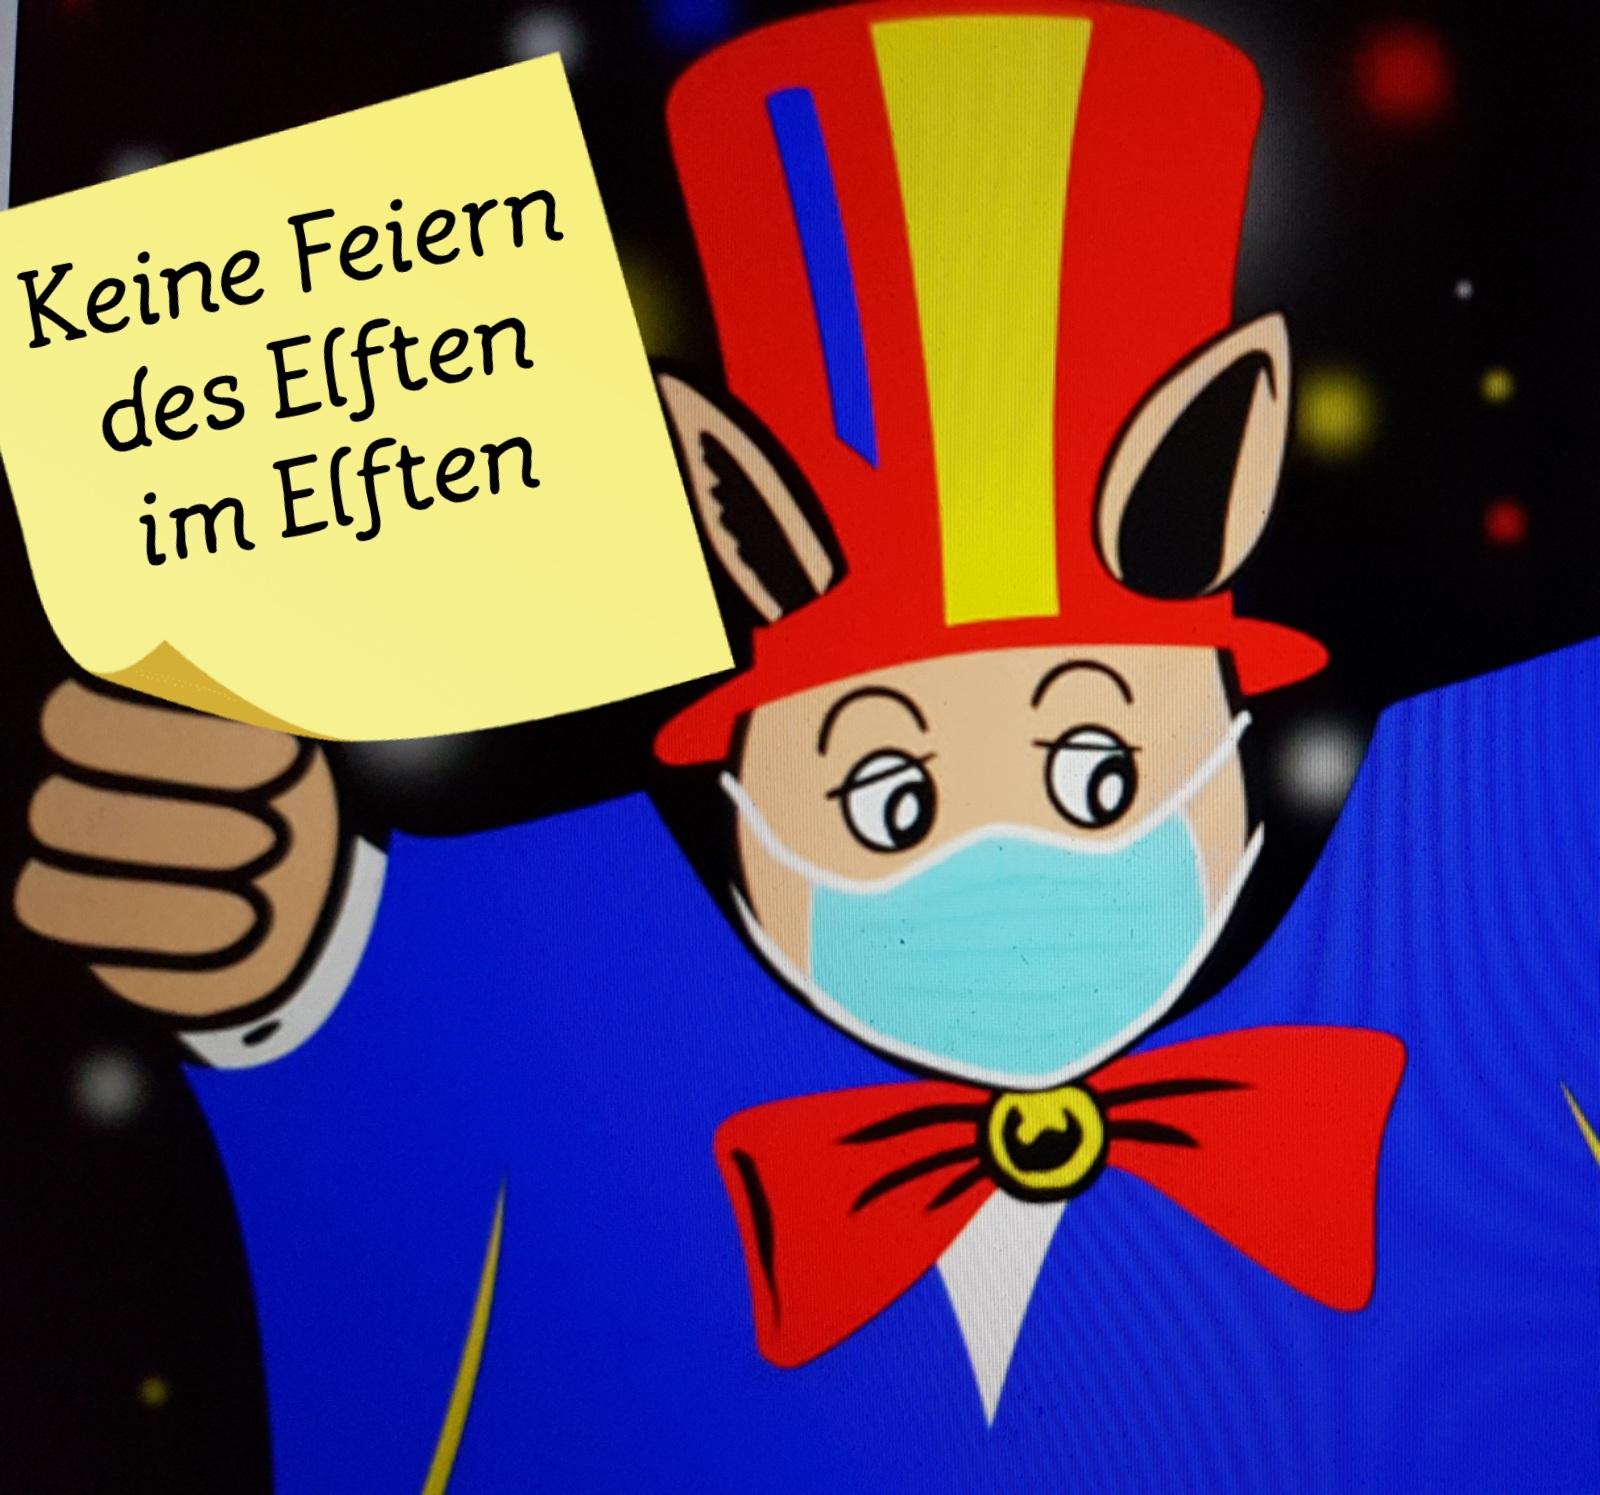 Read more about the article Absage der Feiern des Elften im Elften 2020